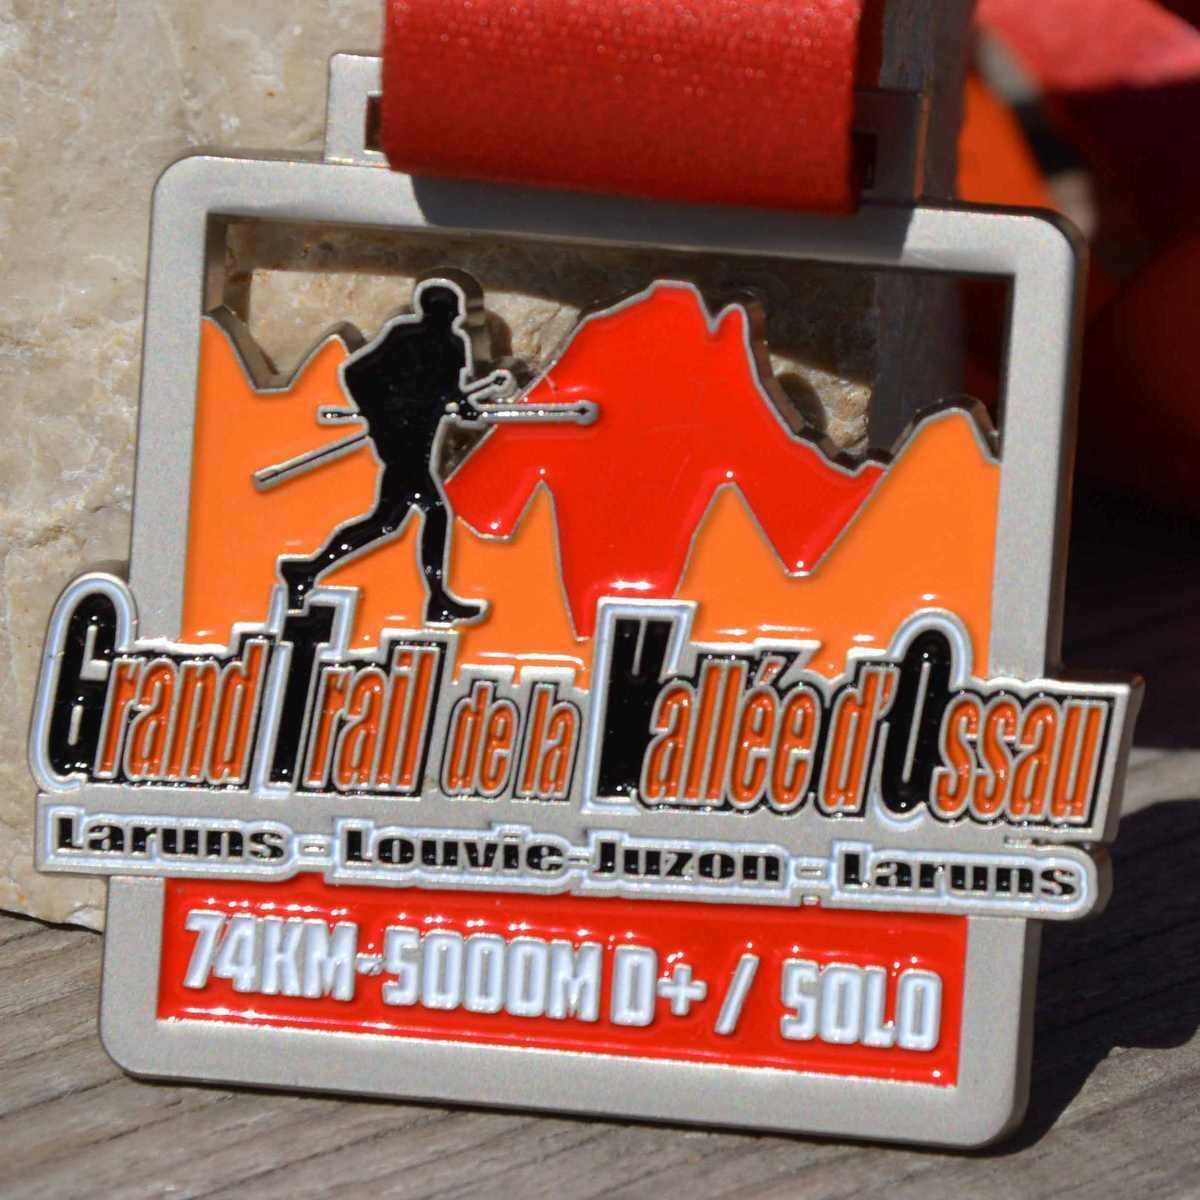 Médaille réalisée pour le Grand Trail de la Vallée d'Ossau - Laruns - Louvie-Luzon - Laruns 74km - 5000M D+ / Solo